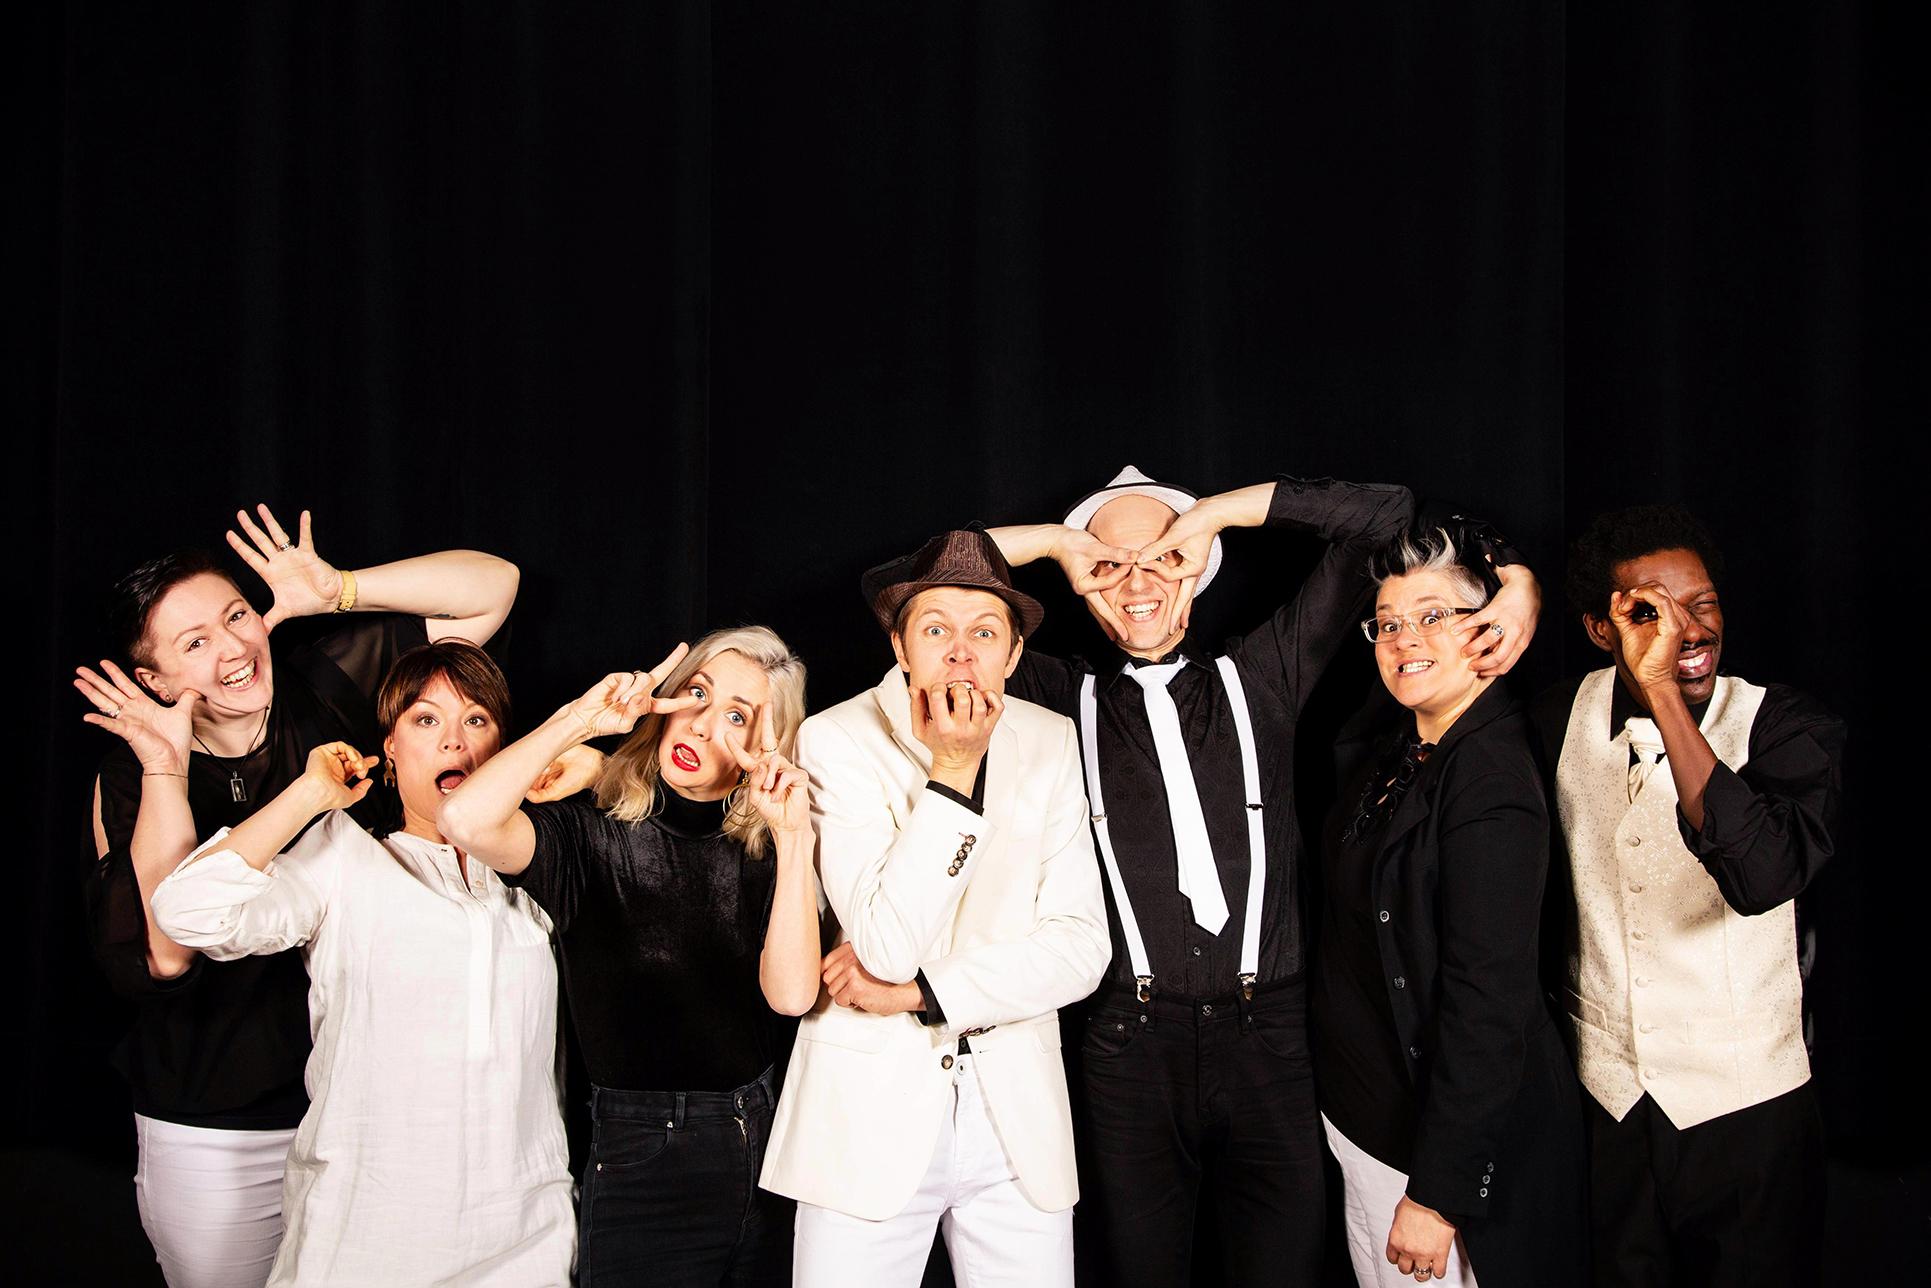 AITO-yhtyeen promokuva, jossa yhtyeen kaikki kuusi jäsentä.